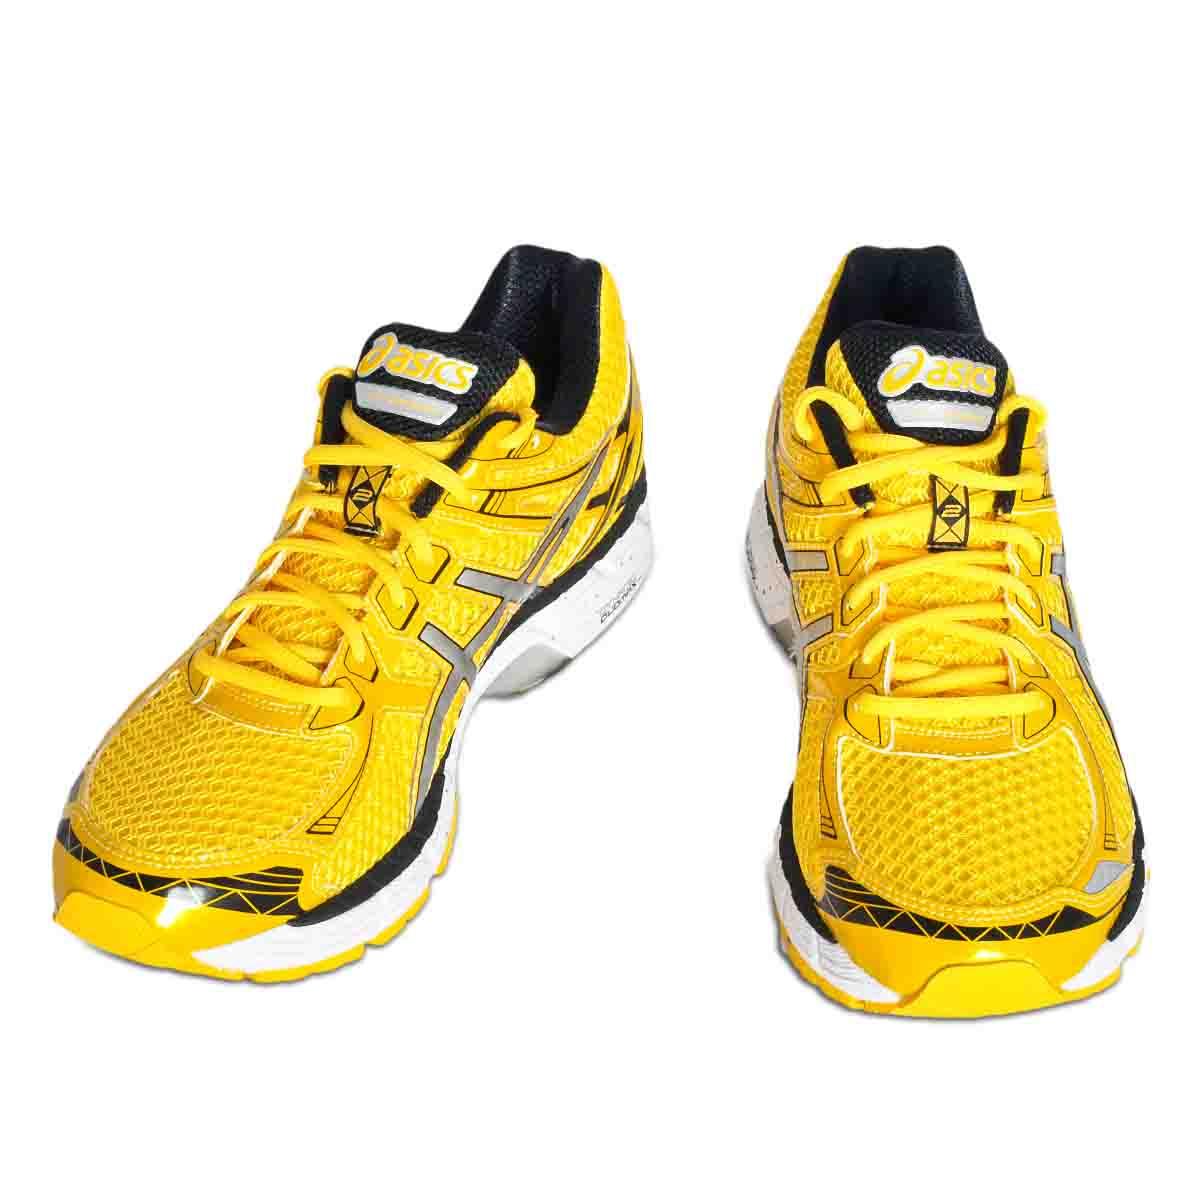 asics mens running shoes gt 2000 2 size uk 8 16 ebay